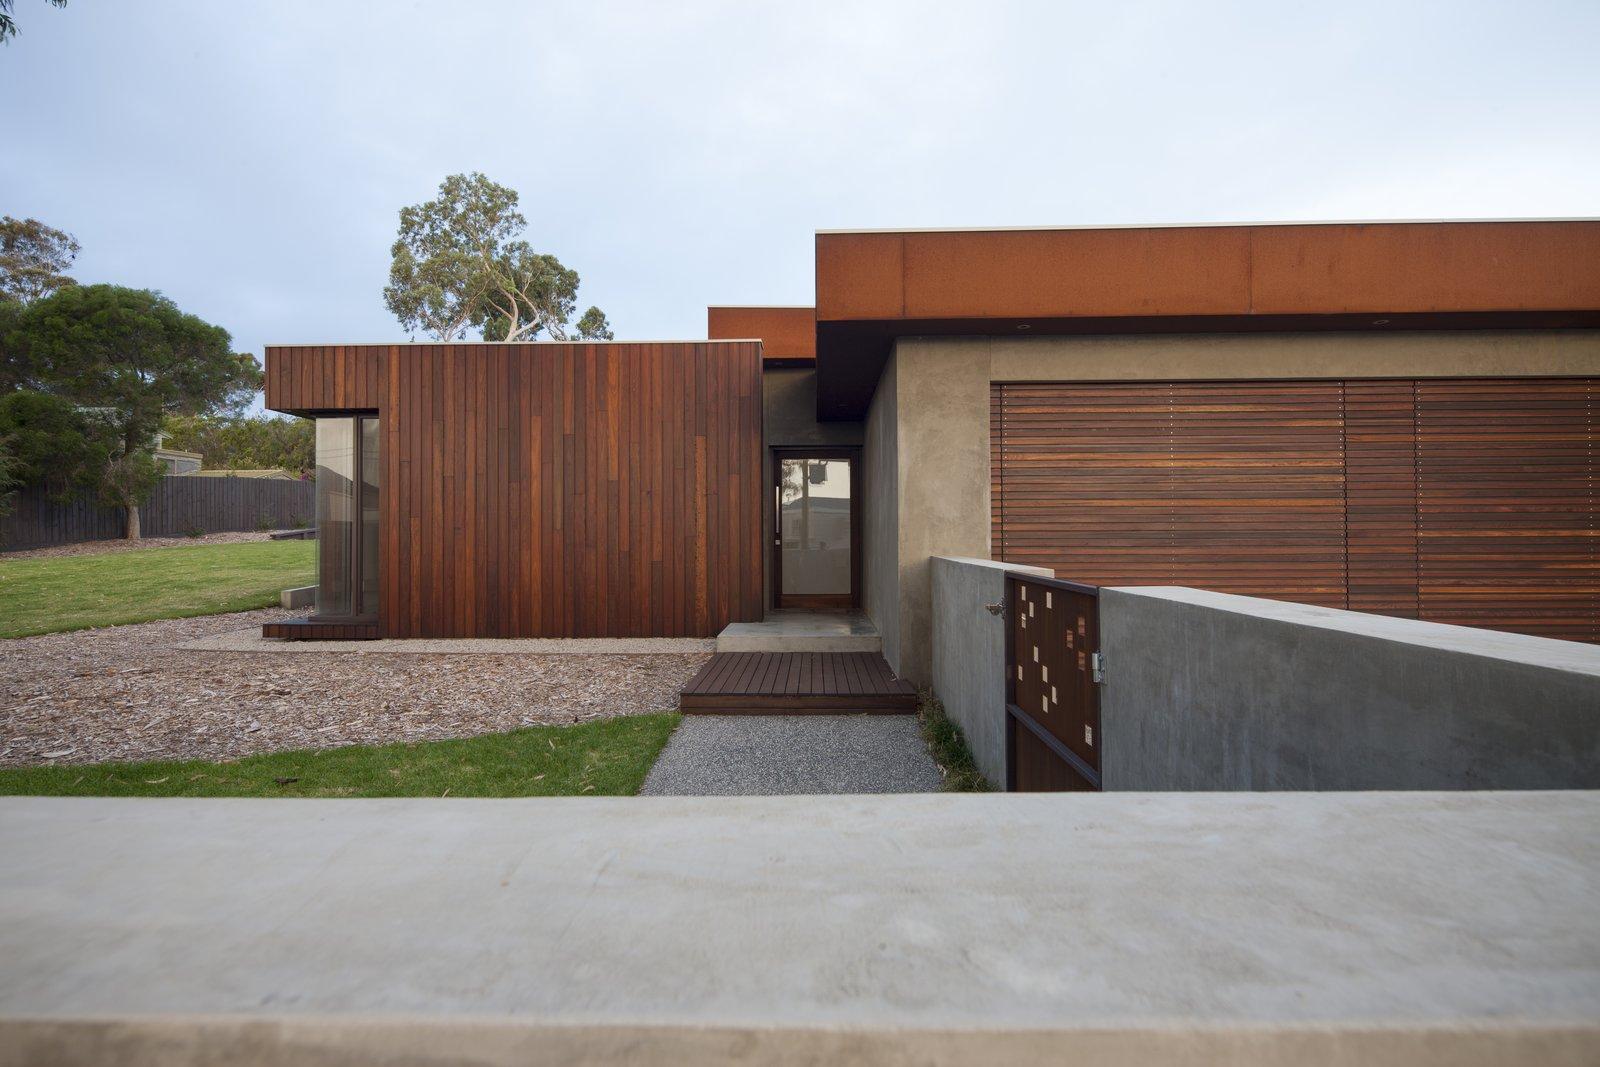 Spotted Gum Cladding and Coreten Eyelash  Pod Residence by Bespoke Architects